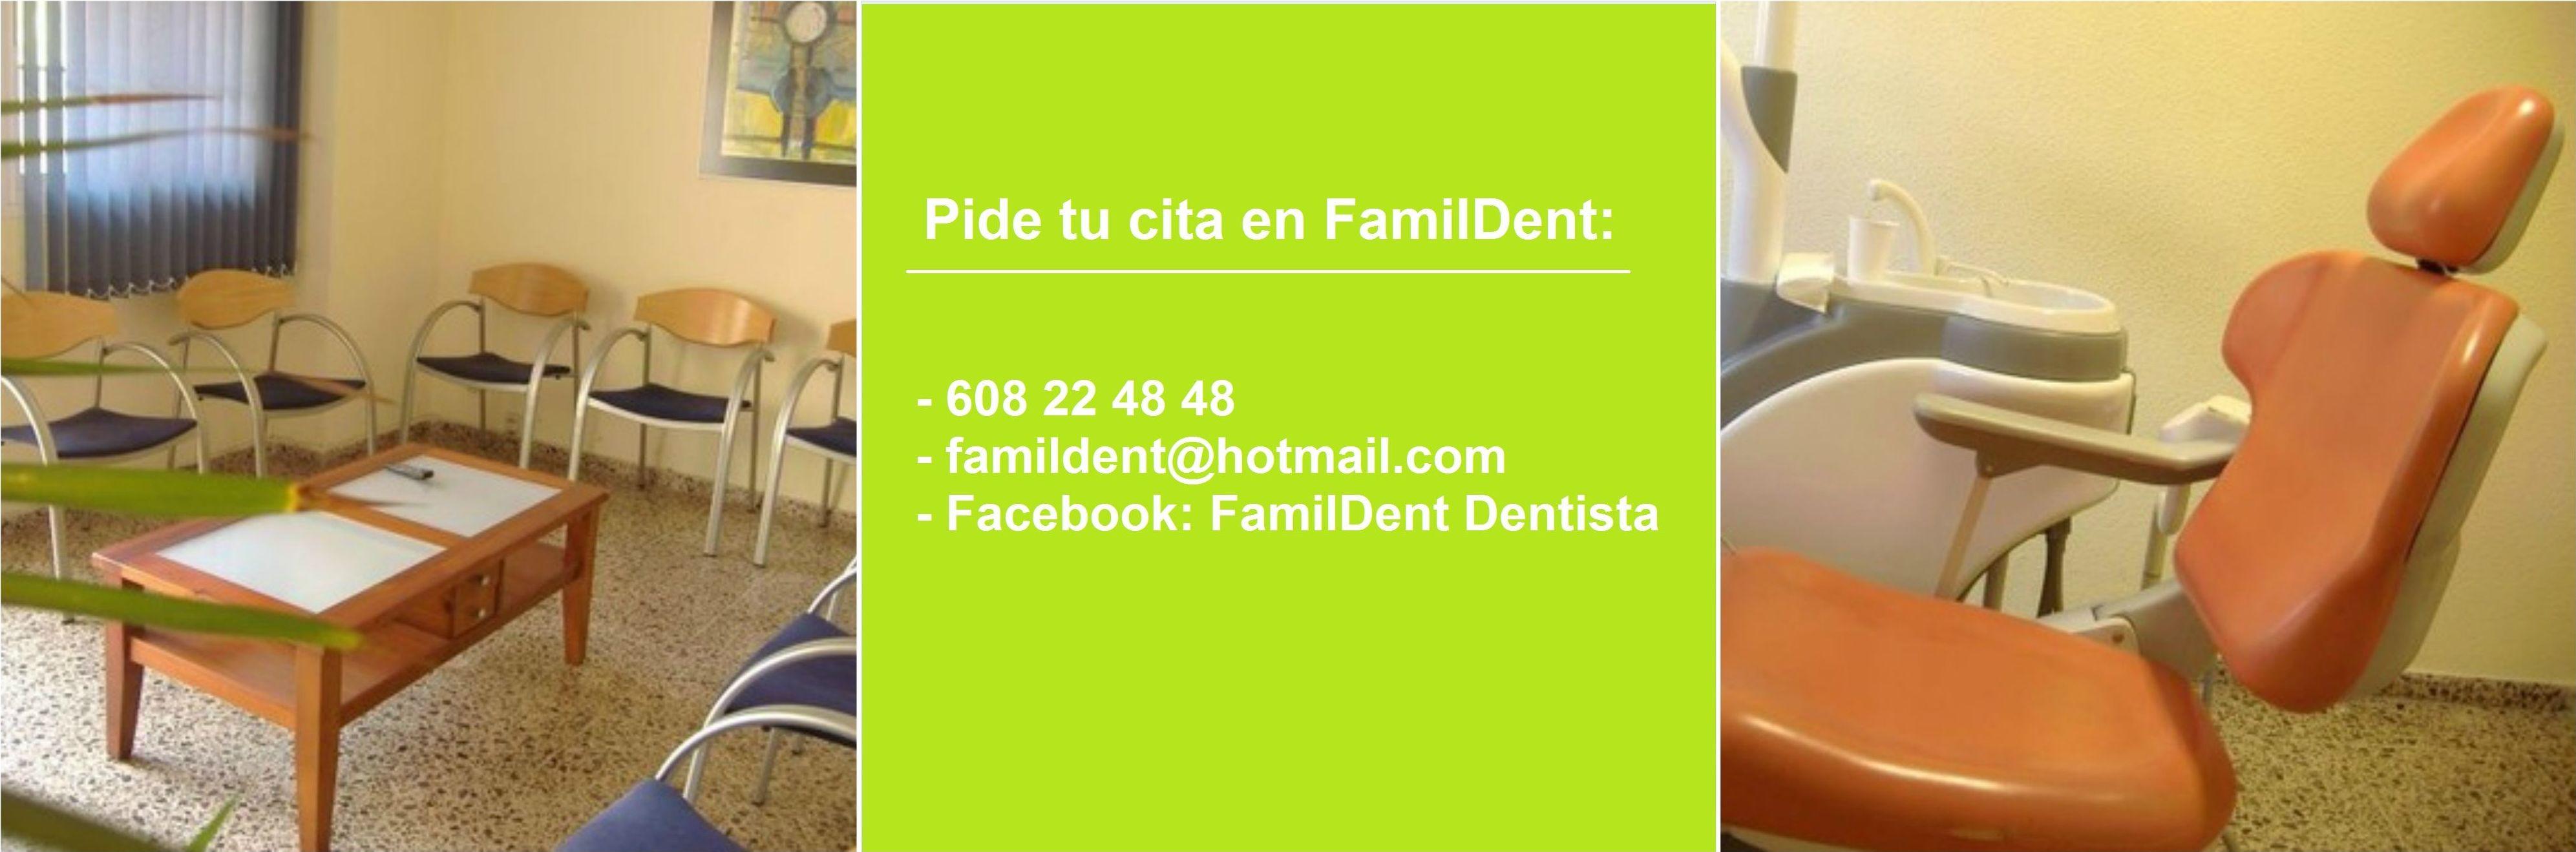 Foto 16 de Clínicas dentales en Valencia | Centro de Salud Dental FamilDent